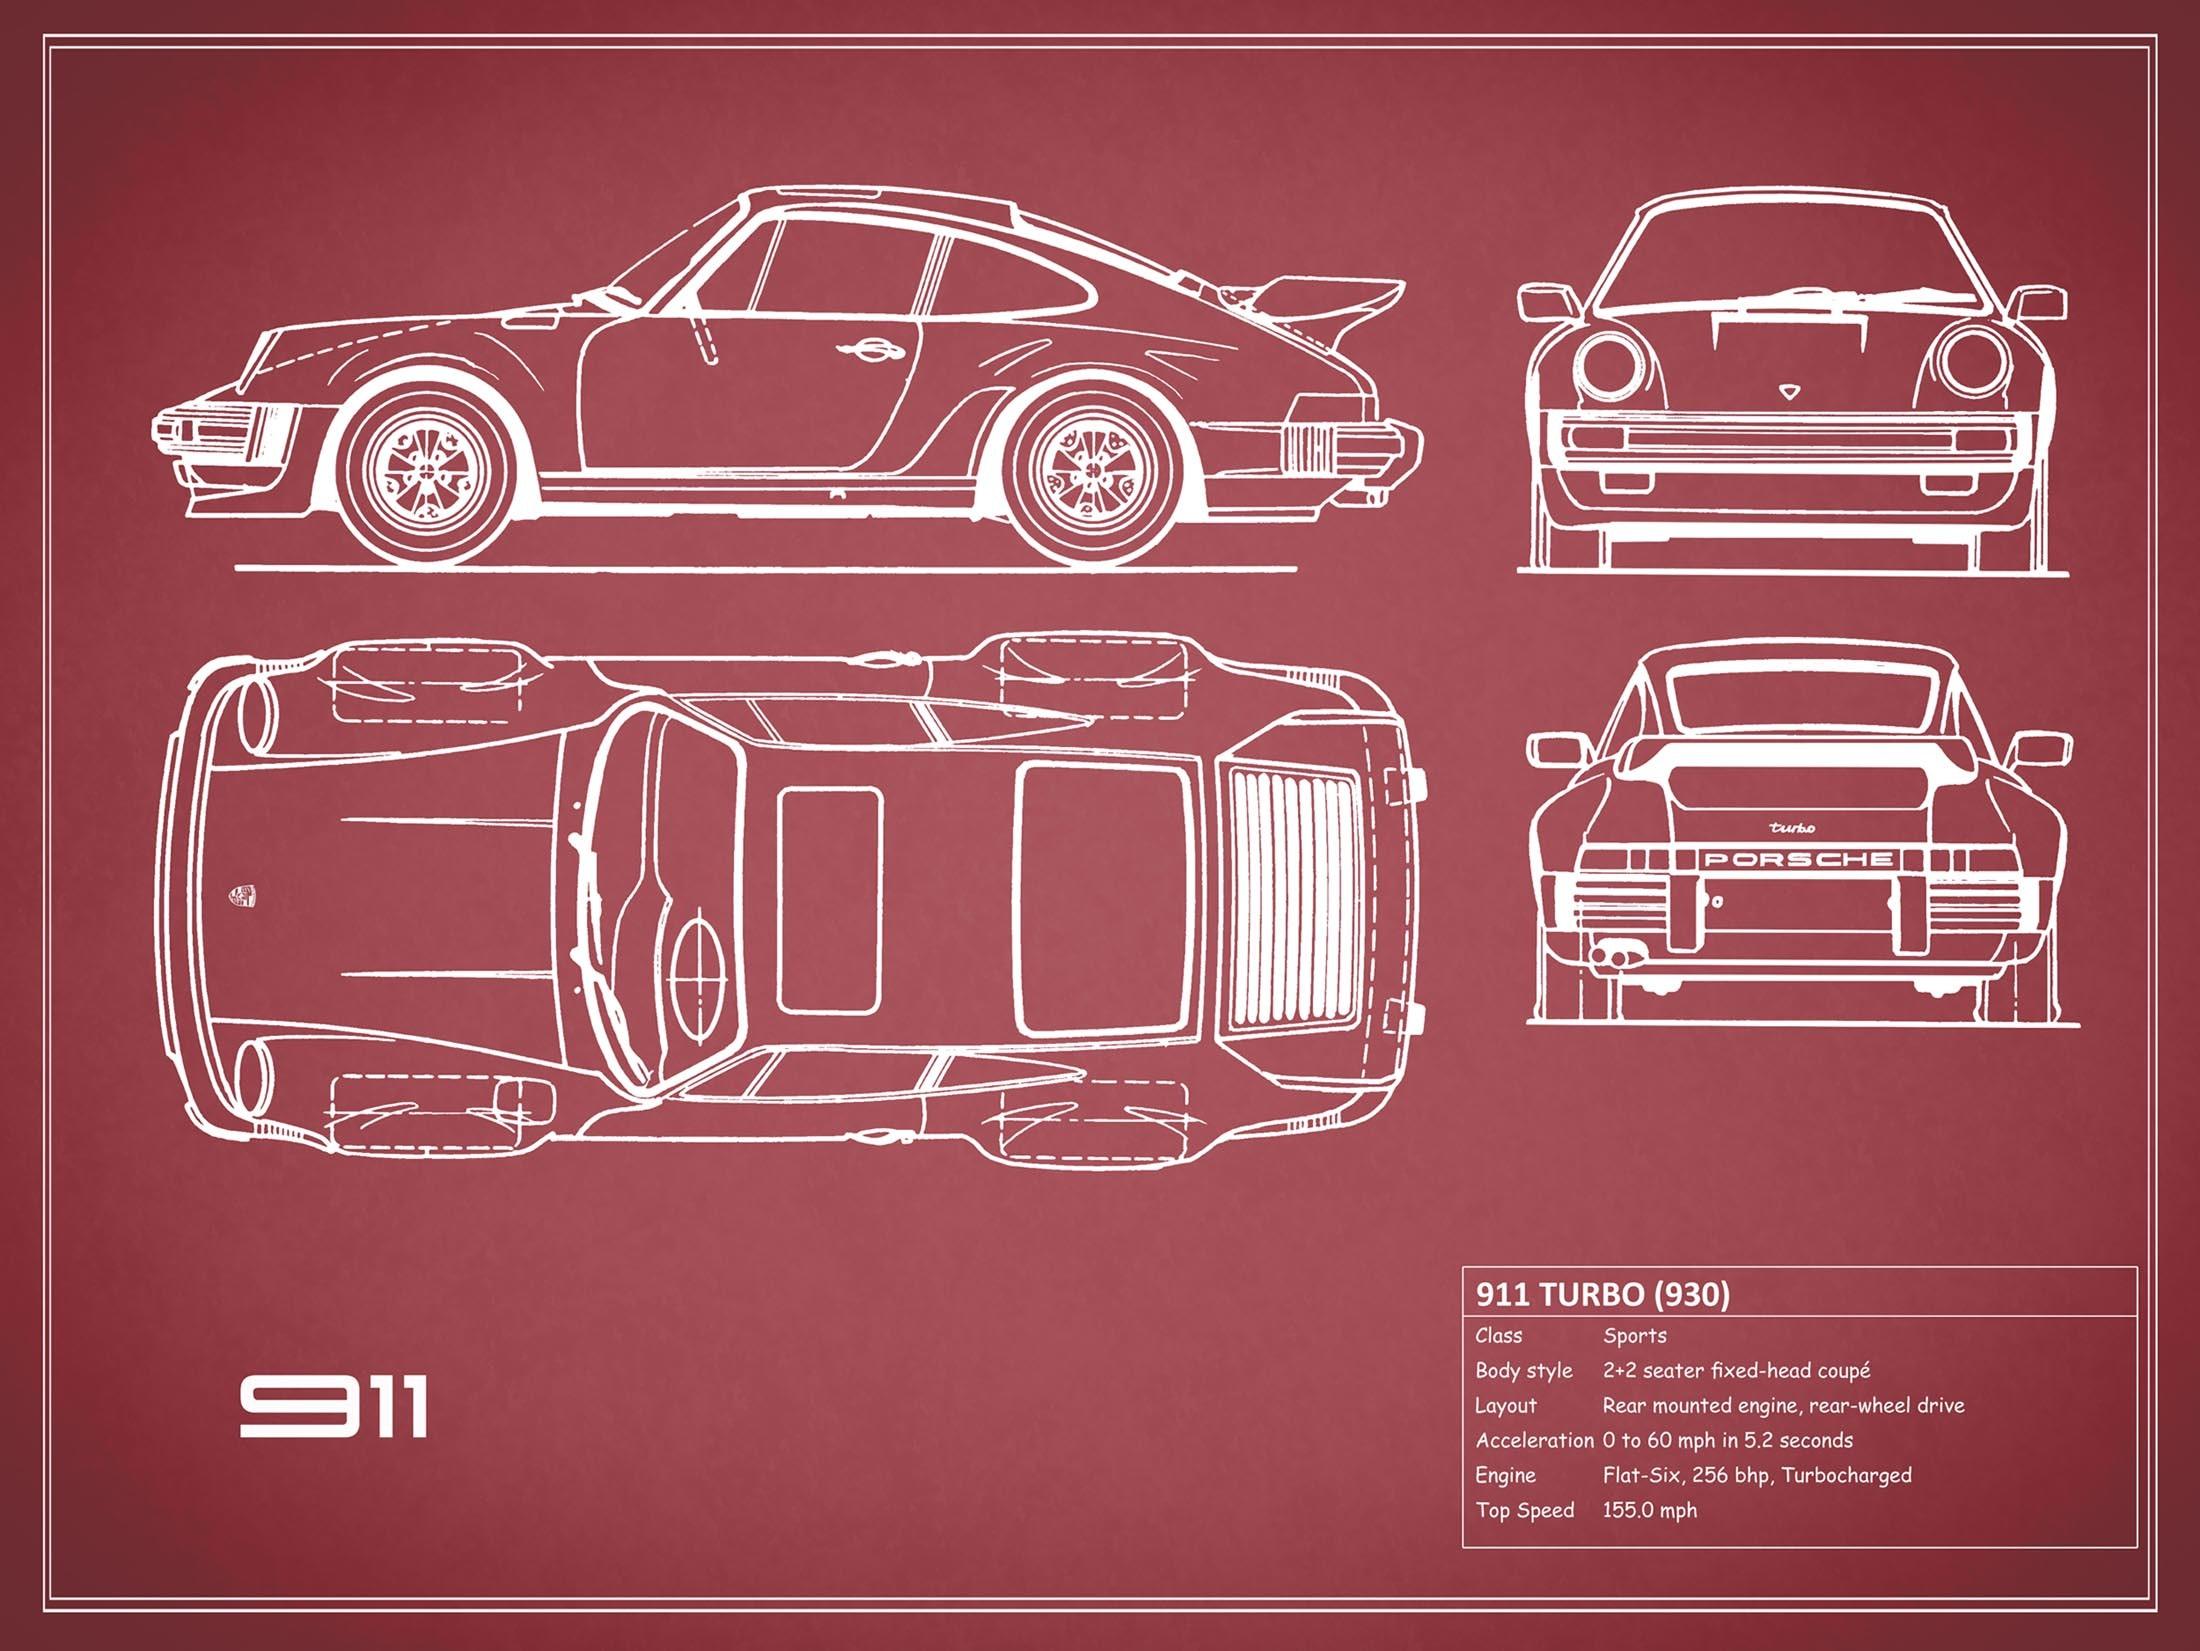 Porsche 911 Turbo - Red